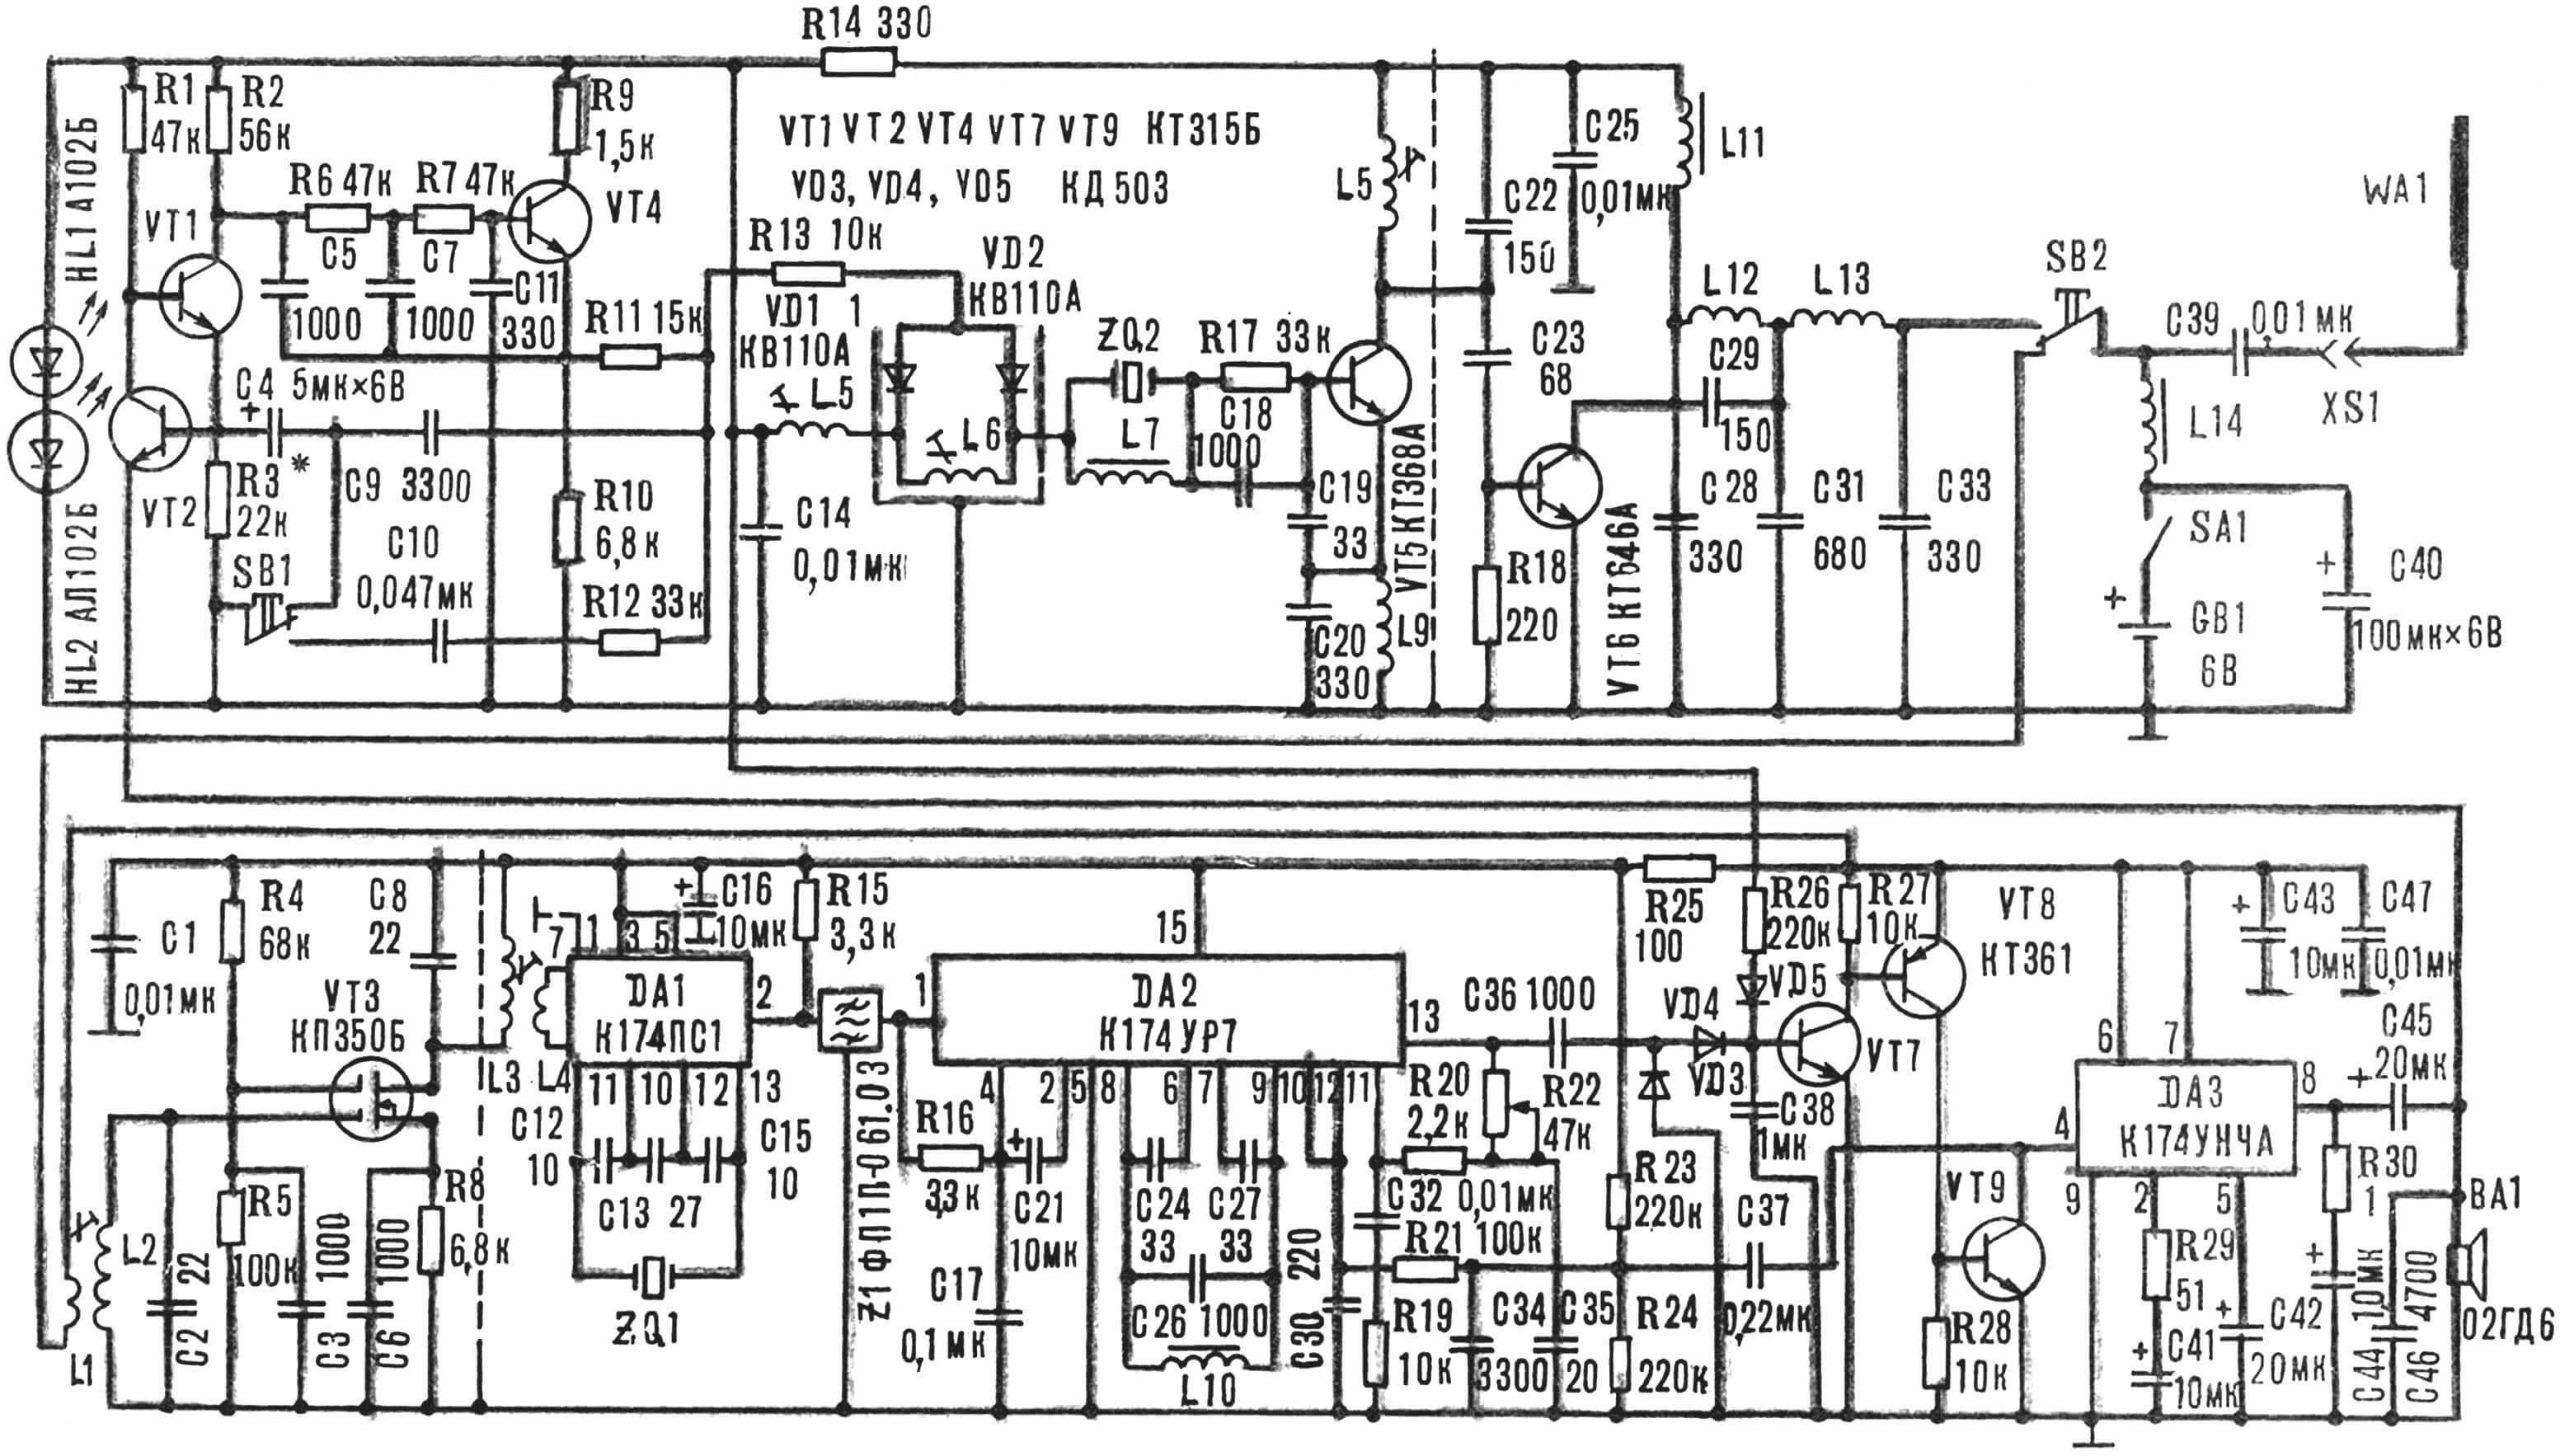 Принципиальная электрическая схема, реализация которой позволяет обеспечивать надежную личную радиосвязь в диапазоне 28—29,7 МГц.